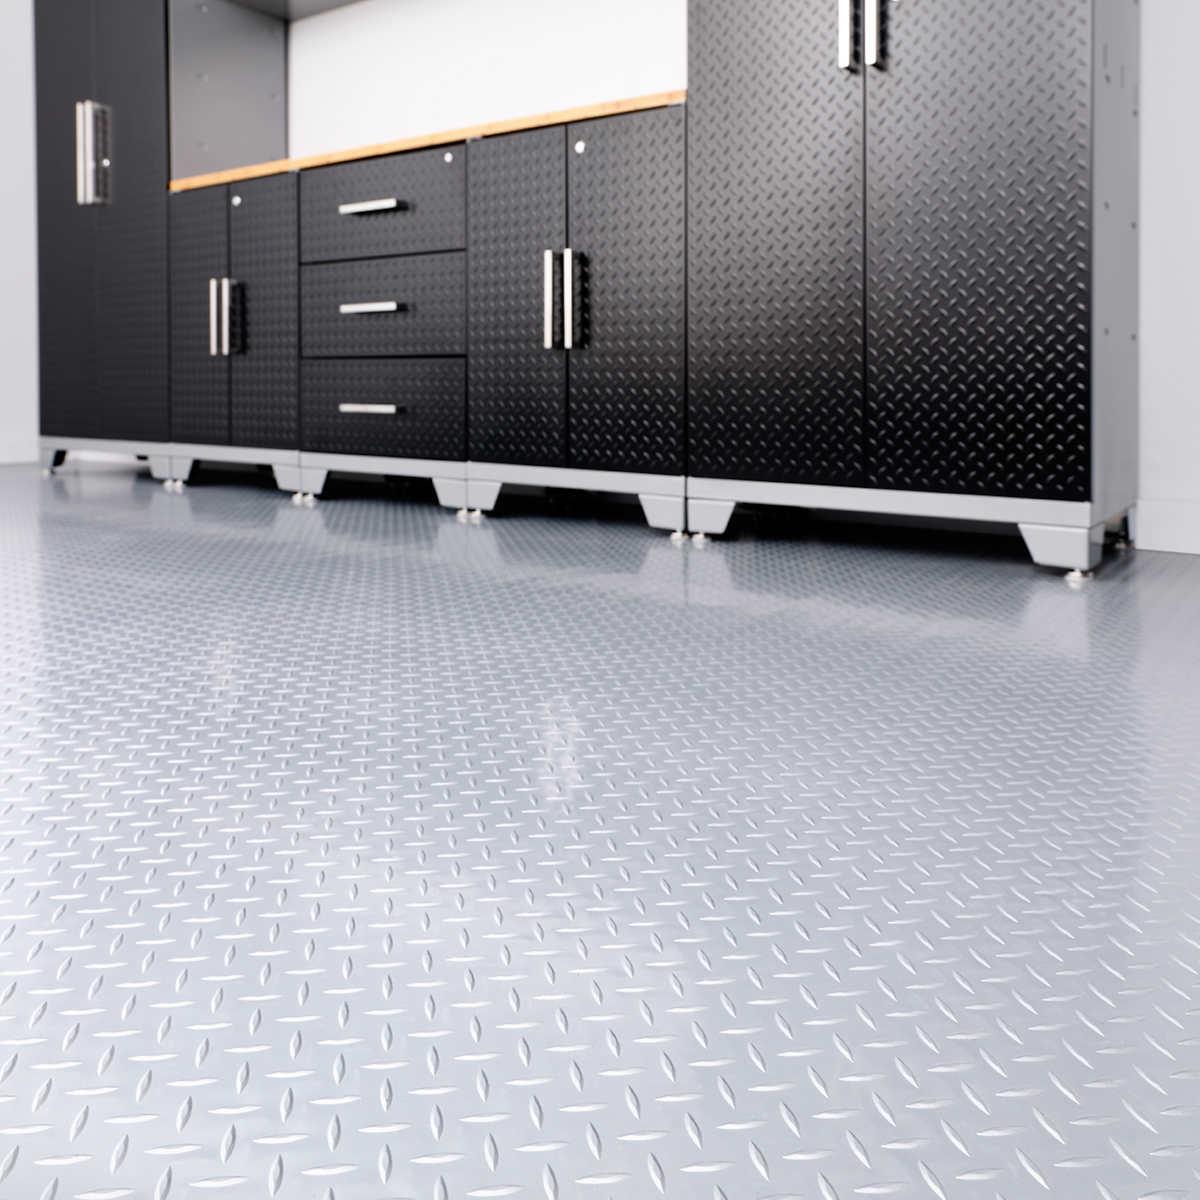 Racedeck flooring costco floor matttroy for Floor garage